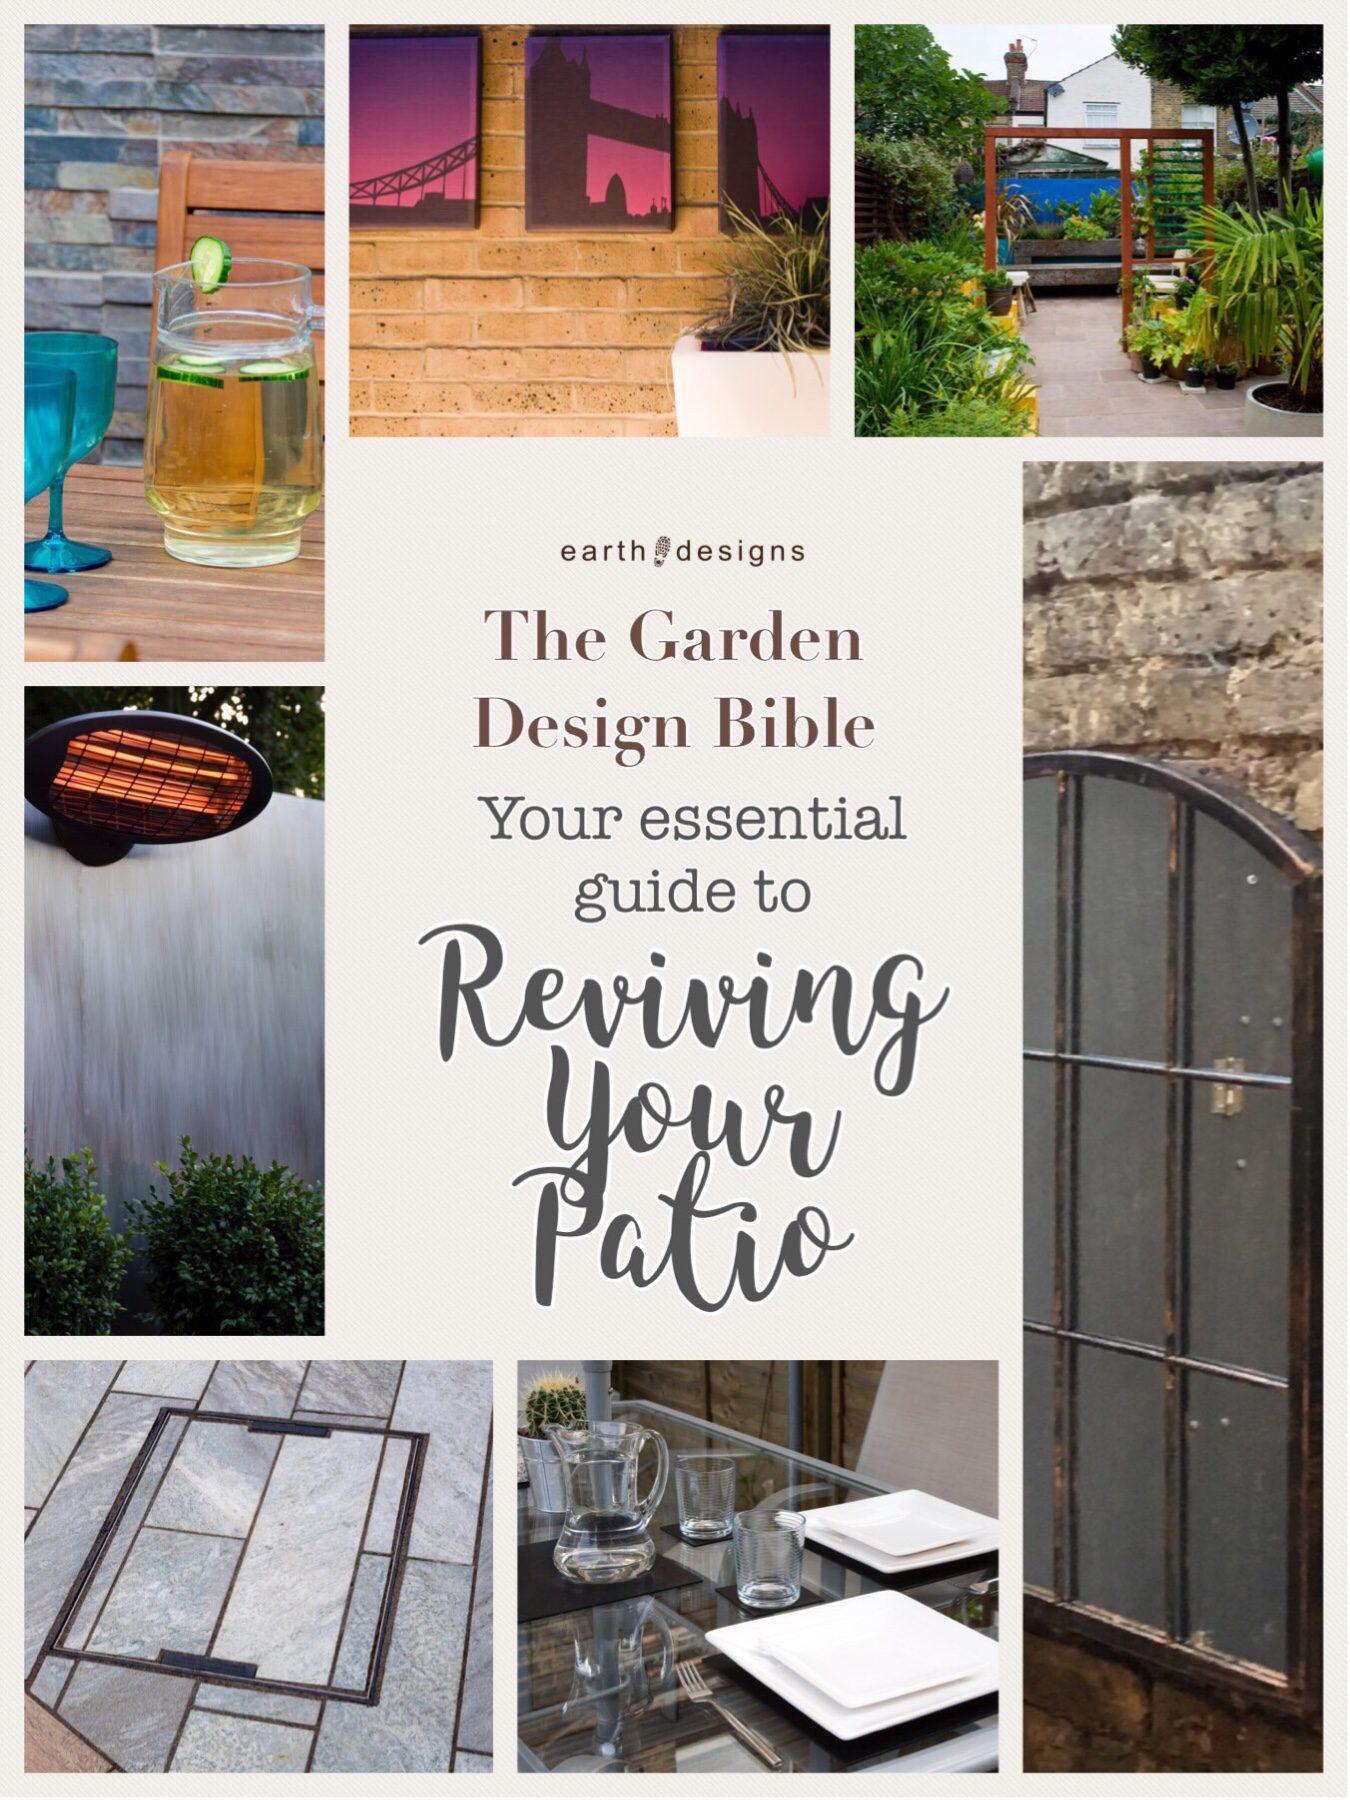 Garden Patio Design - Earth Design's guide